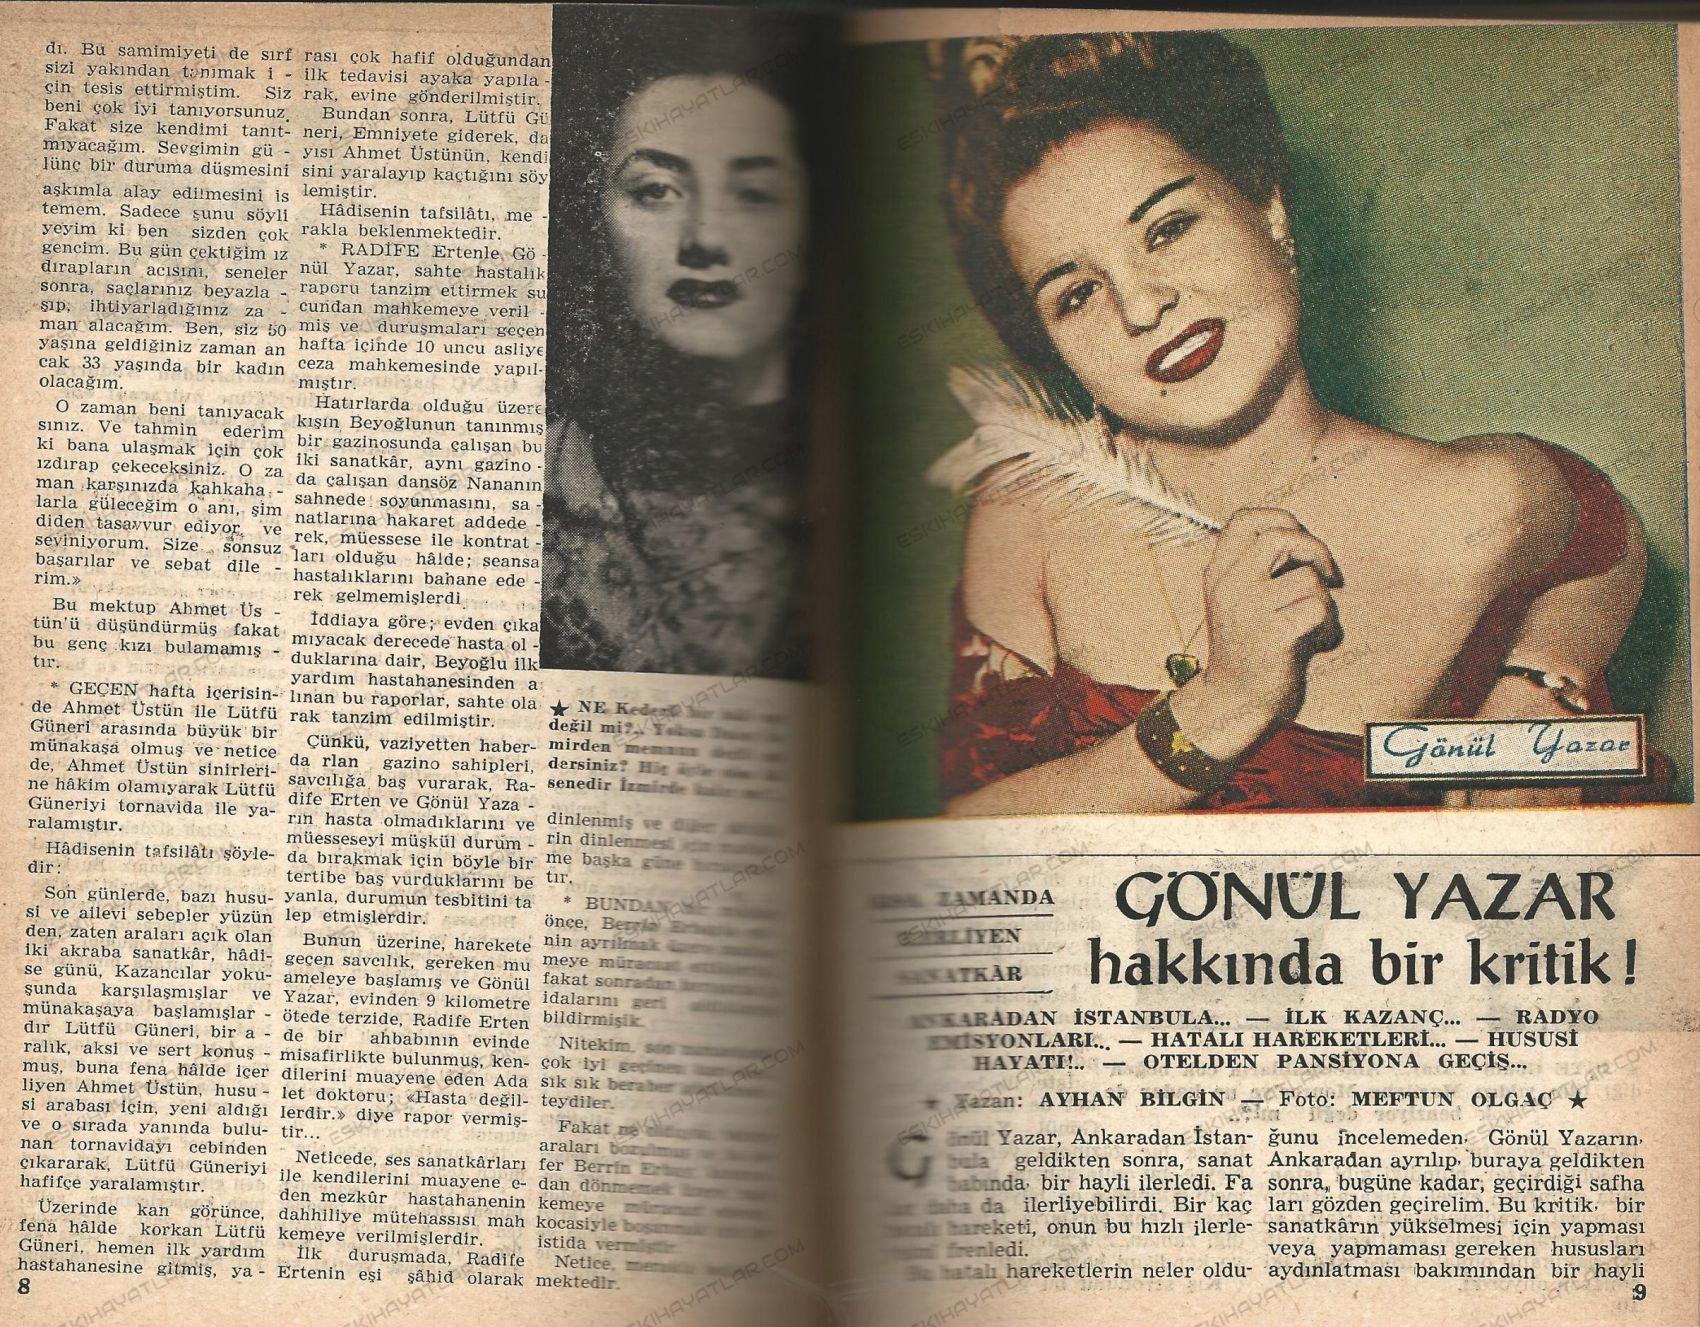 0153-radyo-magazin-dergisi-radyo-haftasi-dergisi-radyonun-sesi-dergisi-gonul-yazar-roportaji